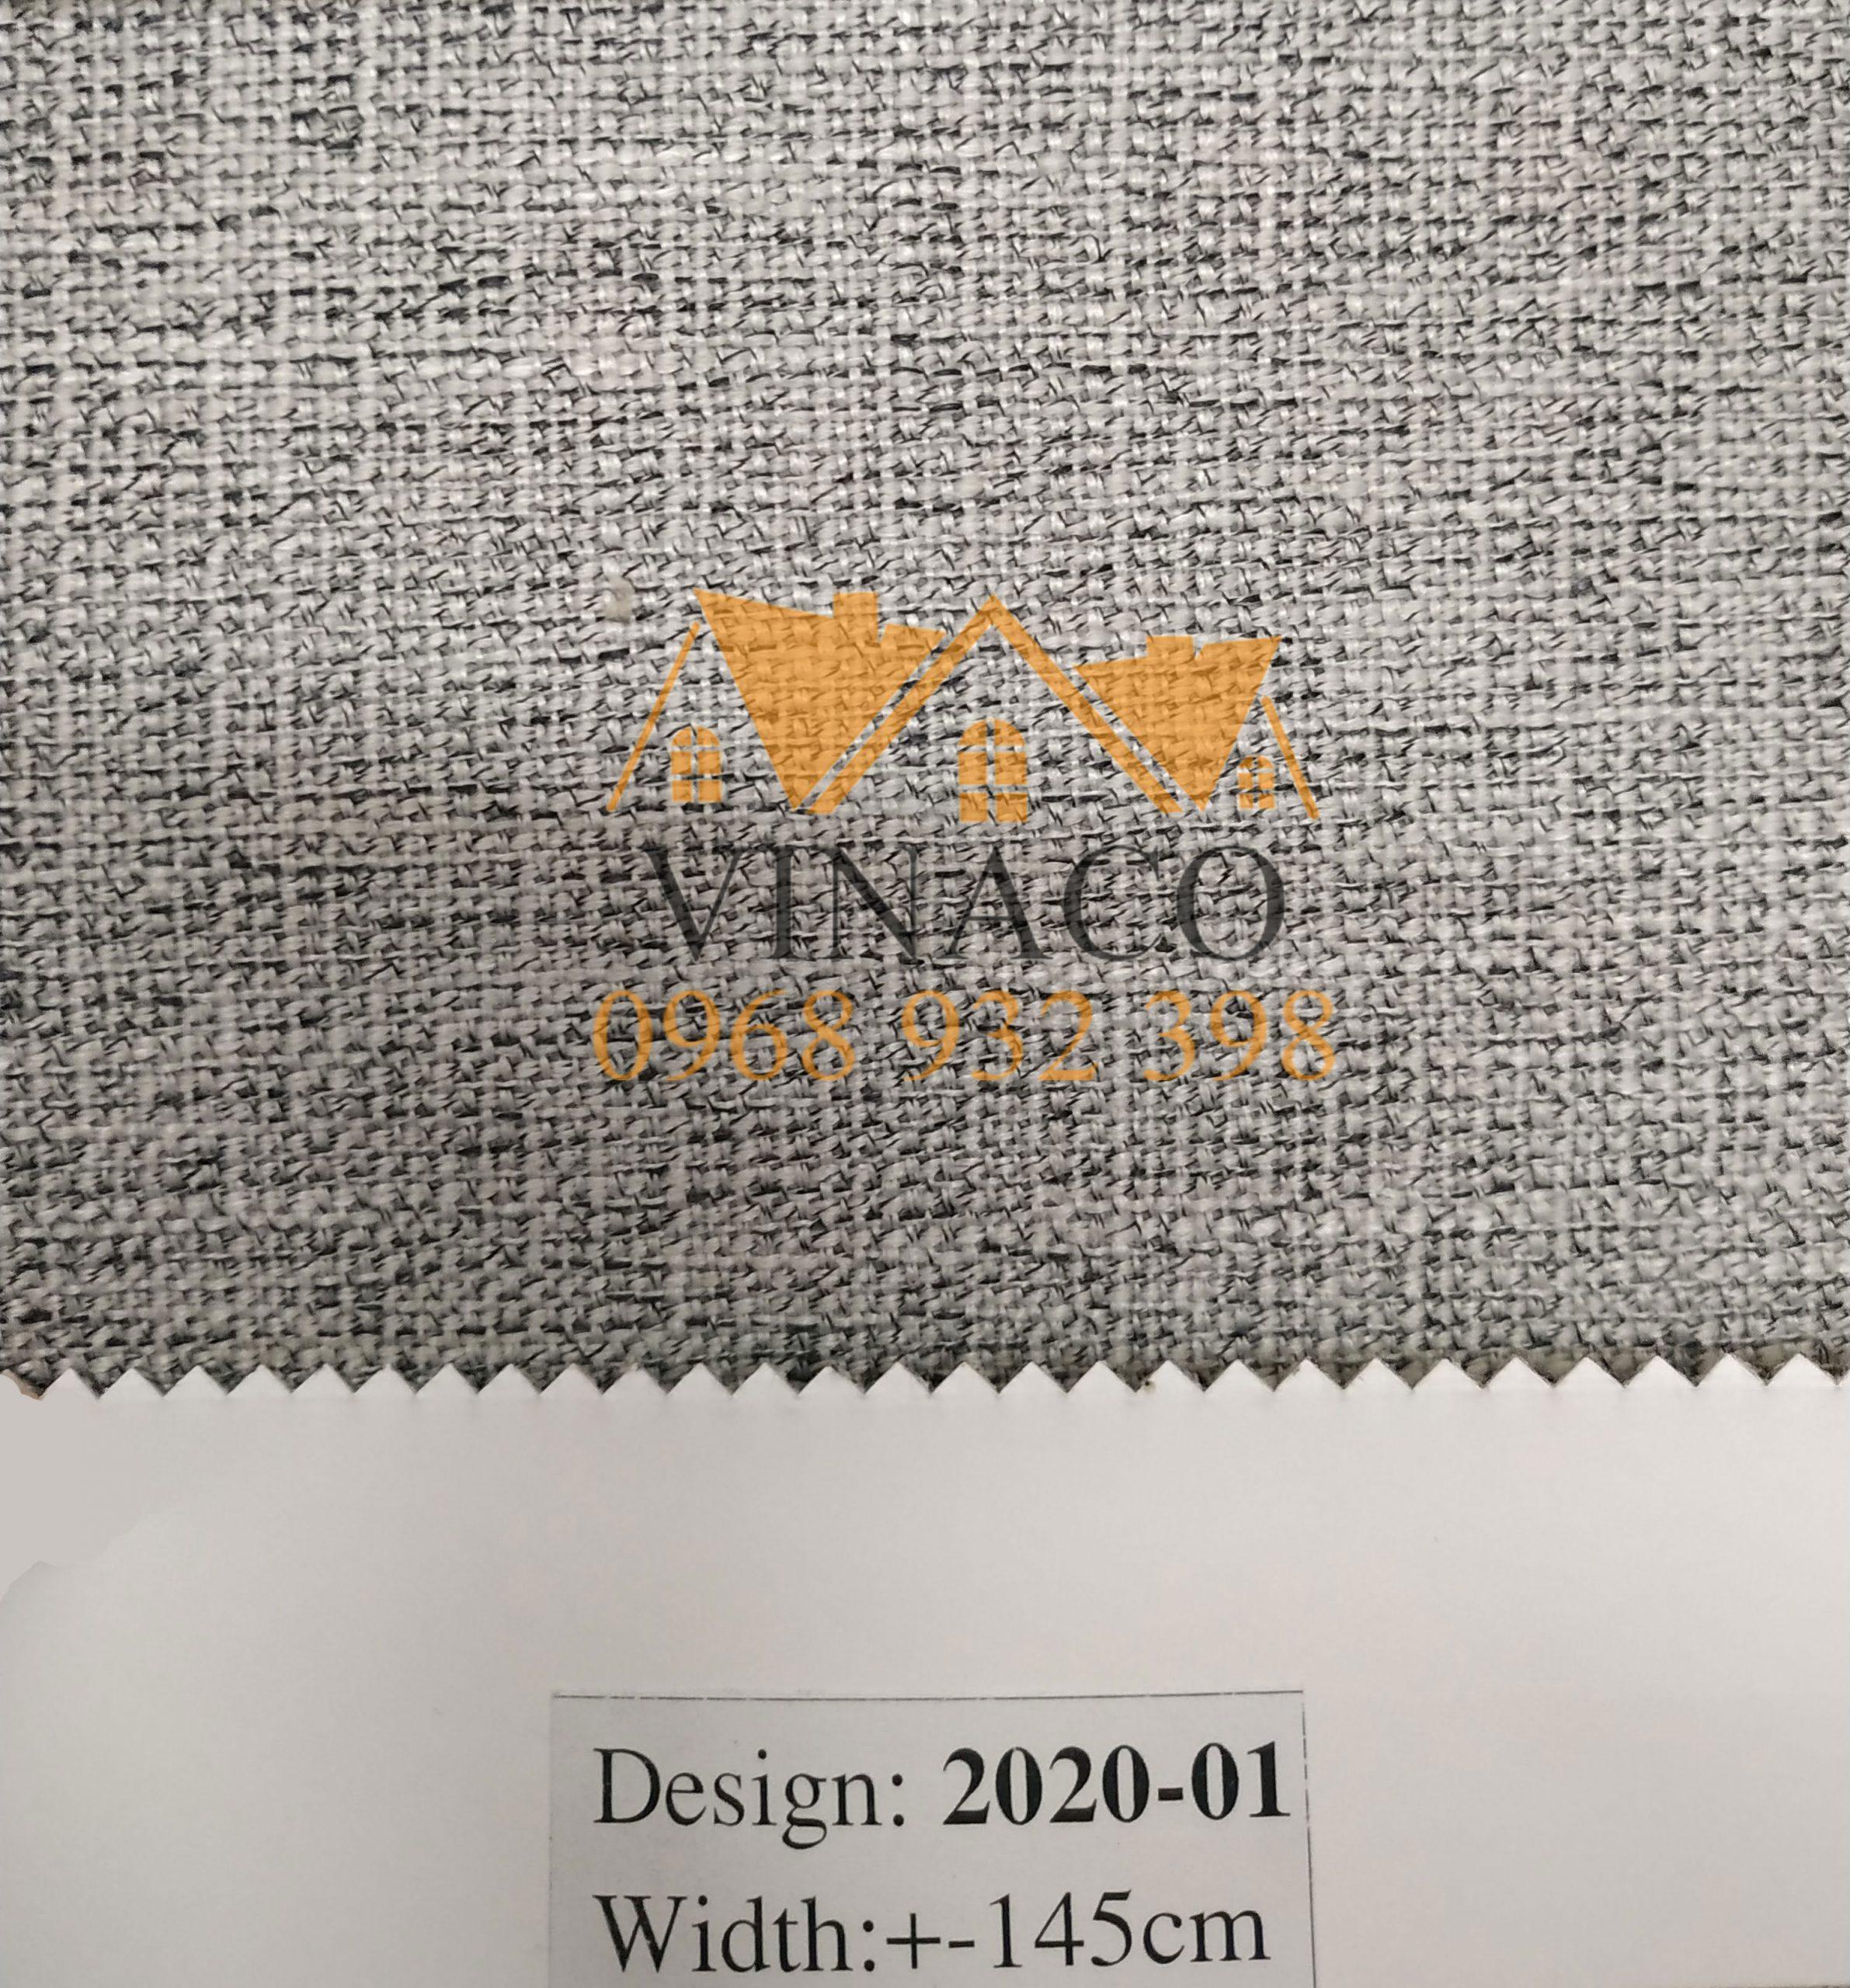 Mẫu vải thô LT-2020 chuyên dùng làm đệm ghế gỗ